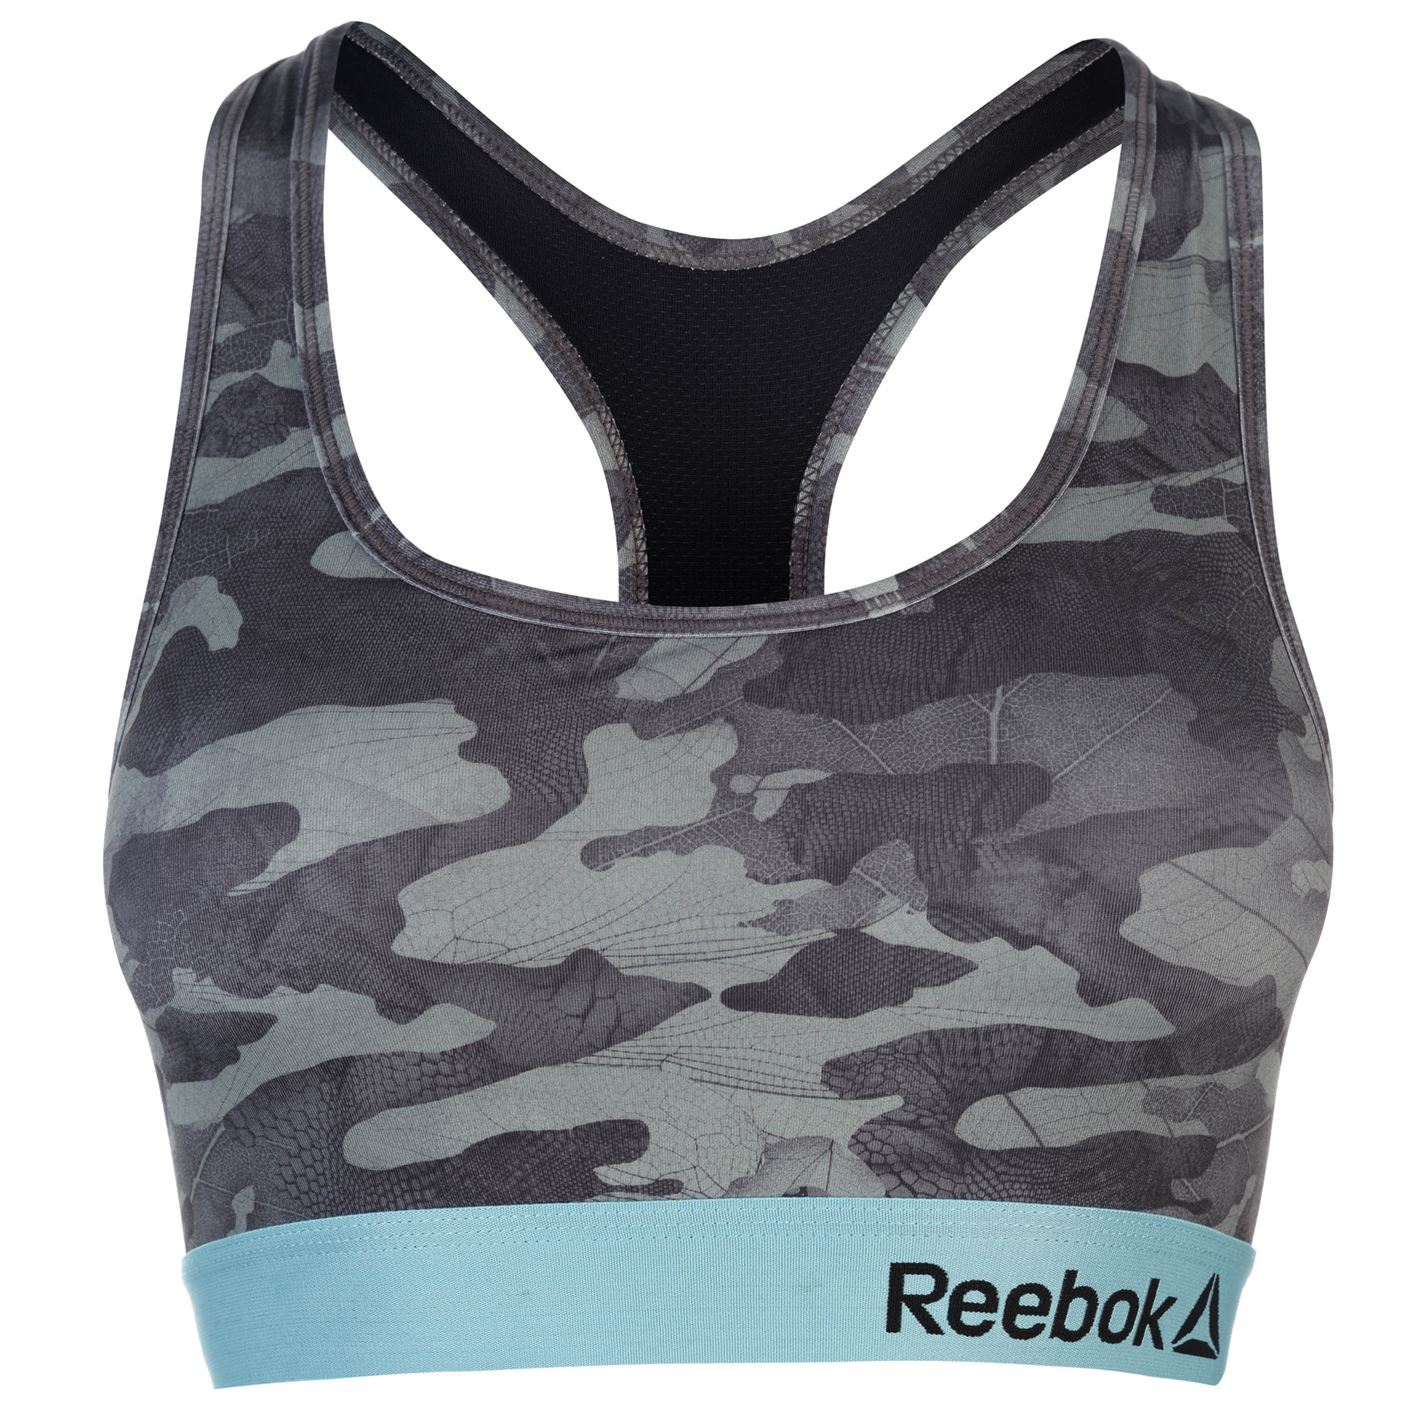 f49309597ee83 Reebok Womens Marion Bra Sports Underwear